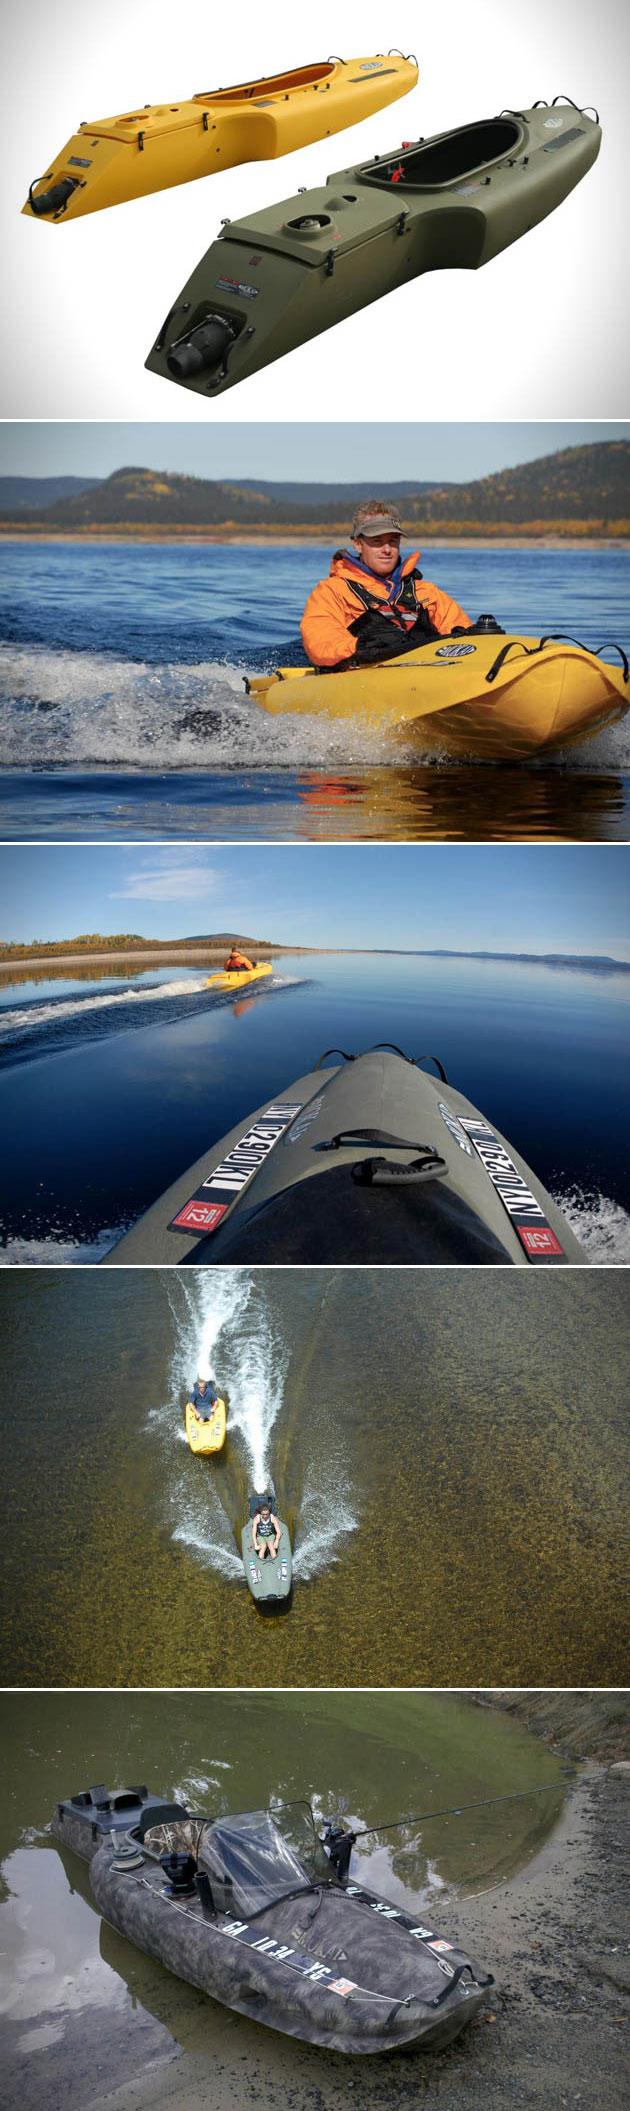 mokai-jet-kayak